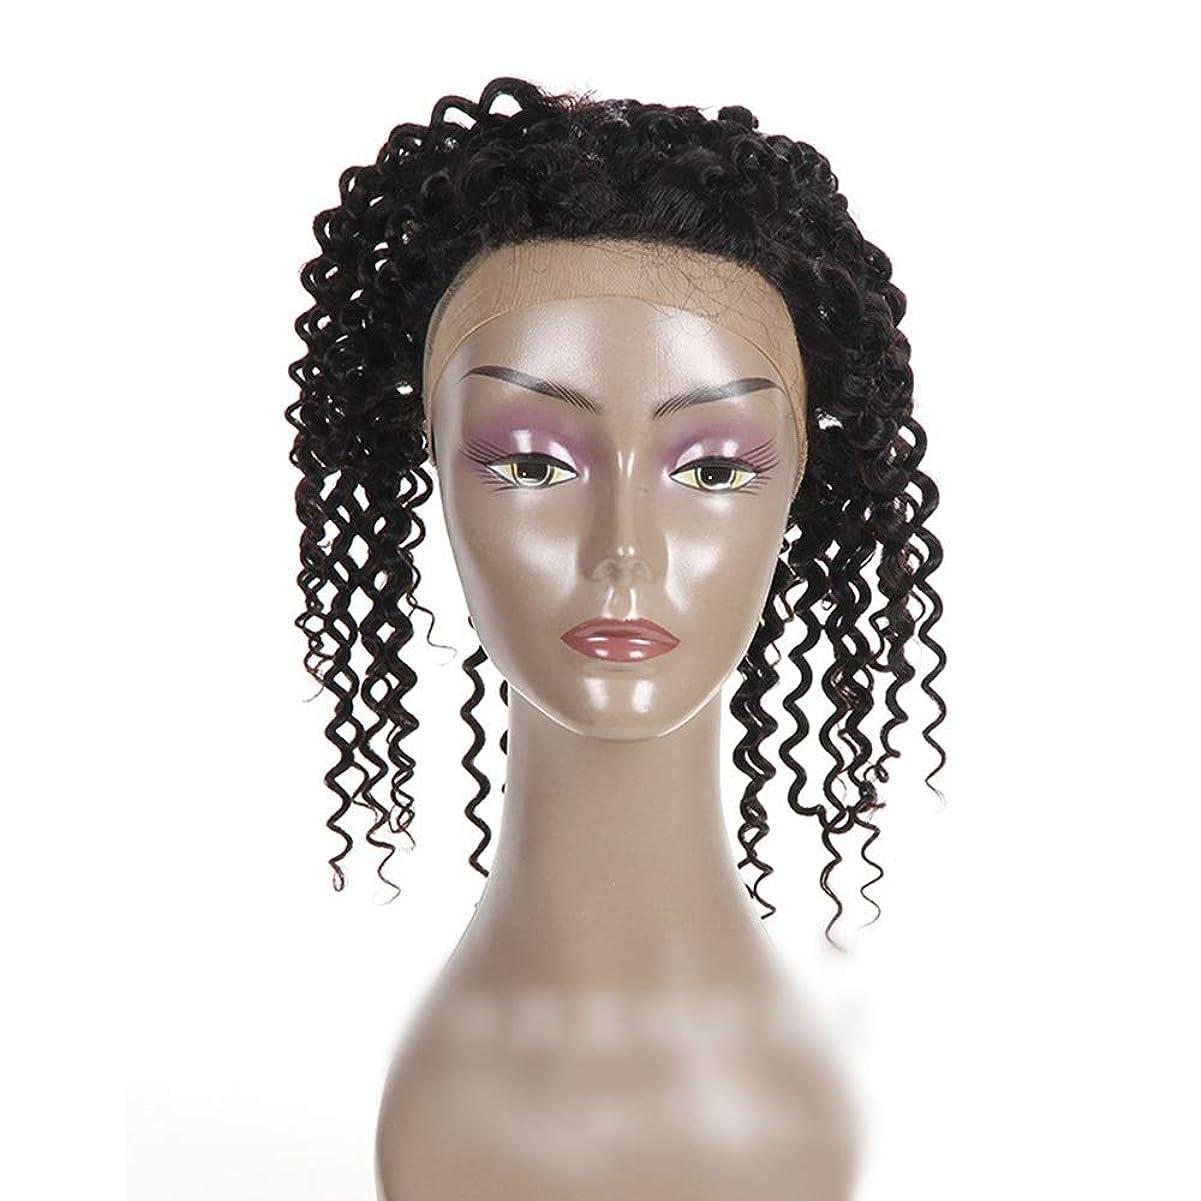 カリング毎回ヒューマニスティックMayalina ナチュラルカラー360レース前頭閉鎖ブラジル人間の髪の毛深い波カーリーフリーパートヘアエクステンションショートカーリーウィッグ (色 : 黒, サイズ : 16 inch)